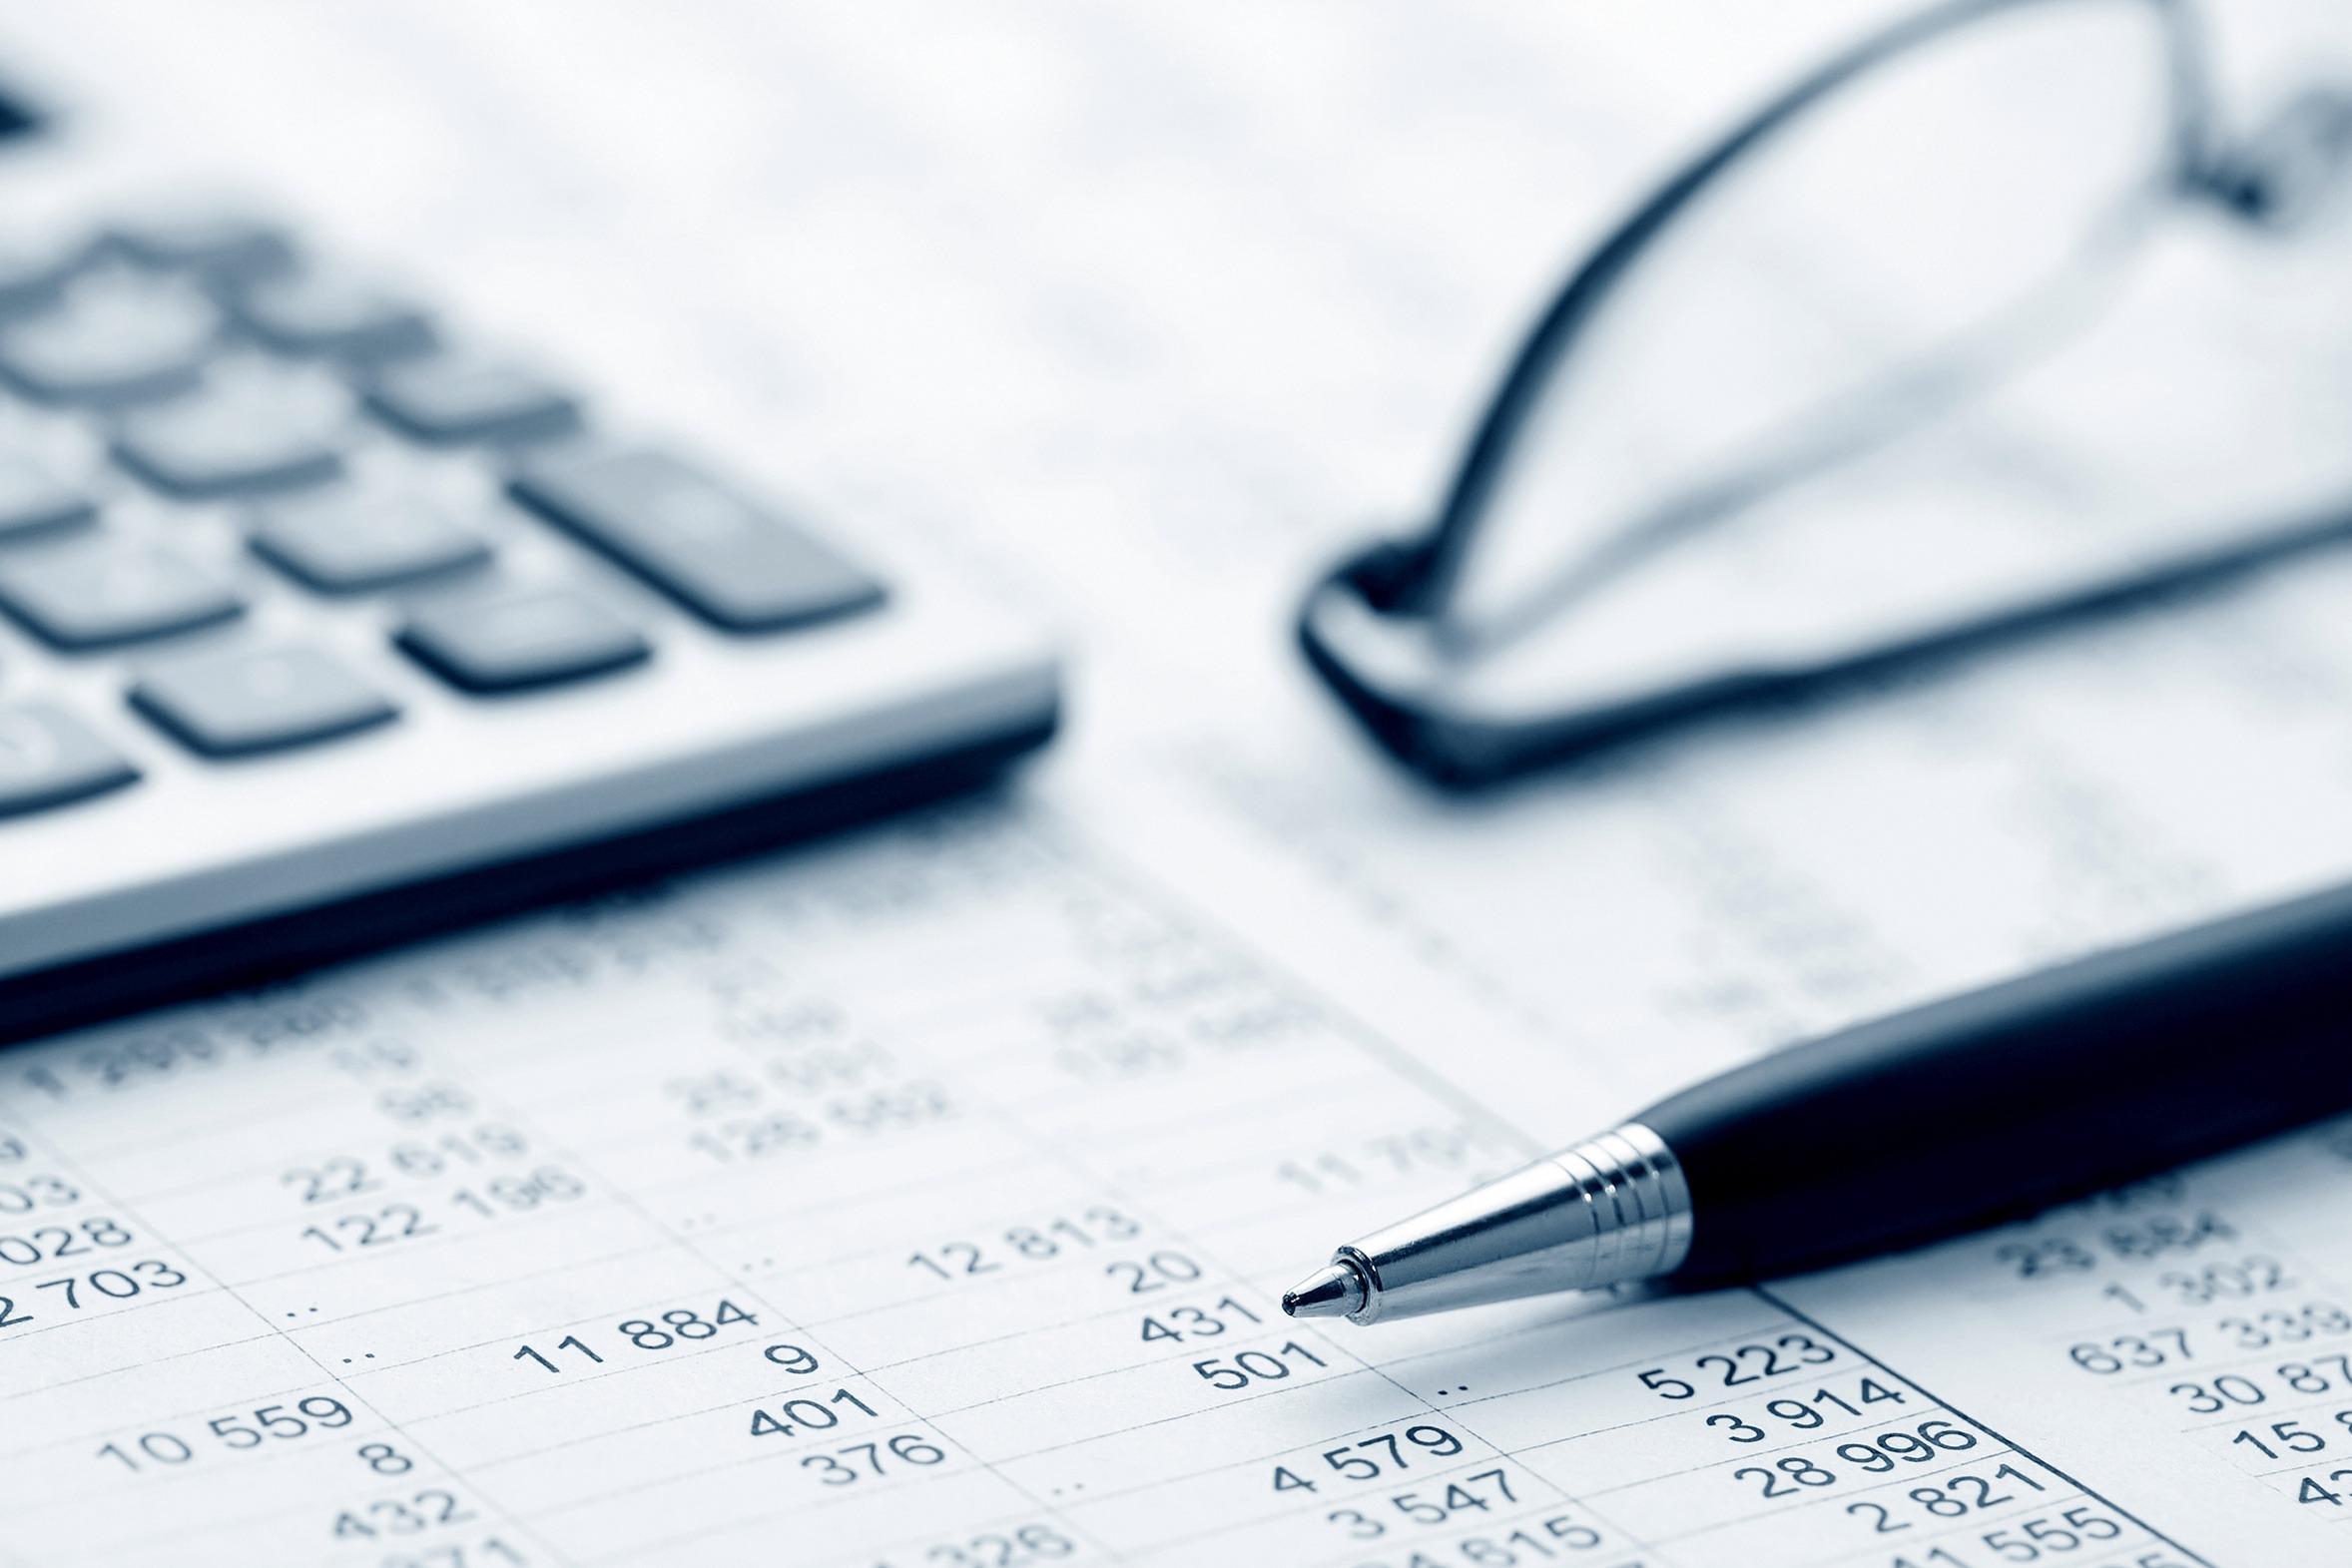 crédit conso 2013 - Franfinance